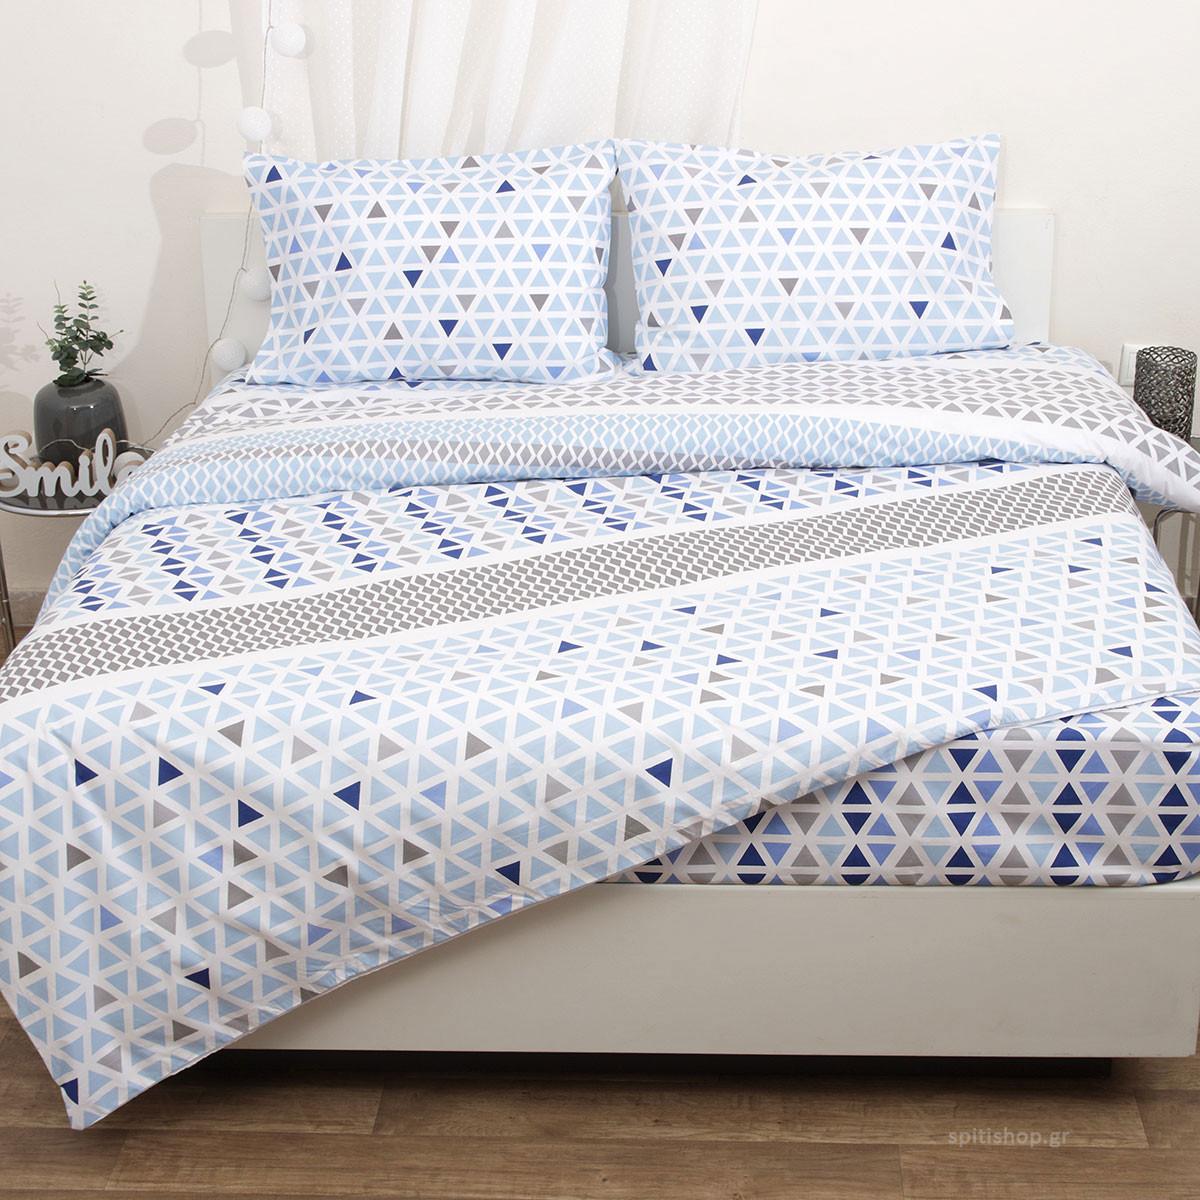 Κουβερλί Ημίδιπλο (Σετ) Viopros Fresh Κέλβιν home   κρεβατοκάμαρα   κουβερλί   κουβερλί ημίδιπλα   διπλά